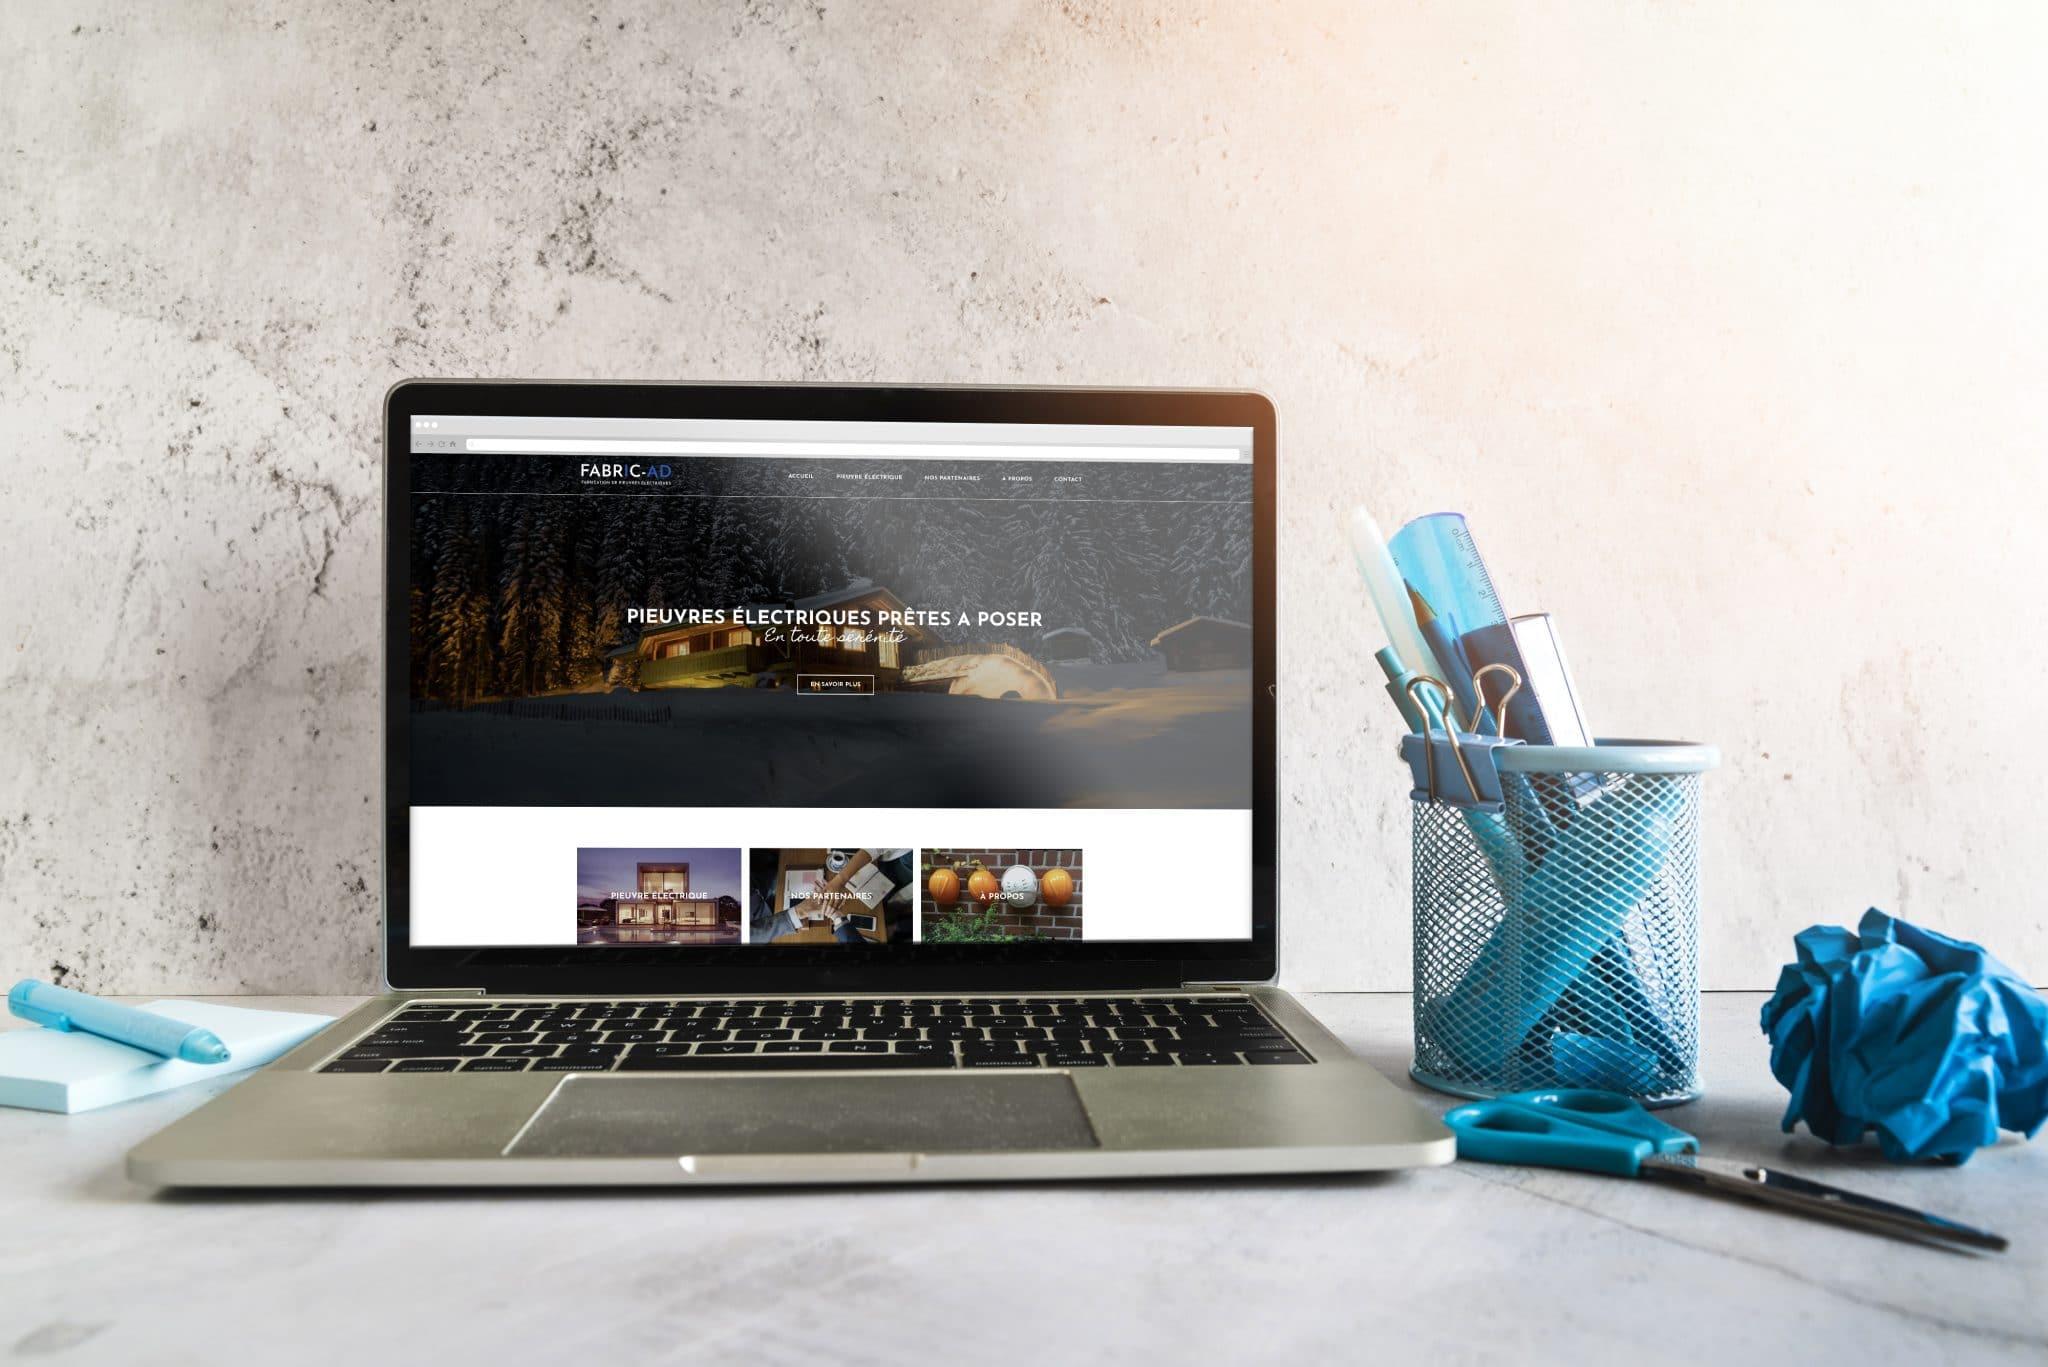 Site web vitrine réalisé avec le CMS wordpress pour un installateur de pieuvres électriques.